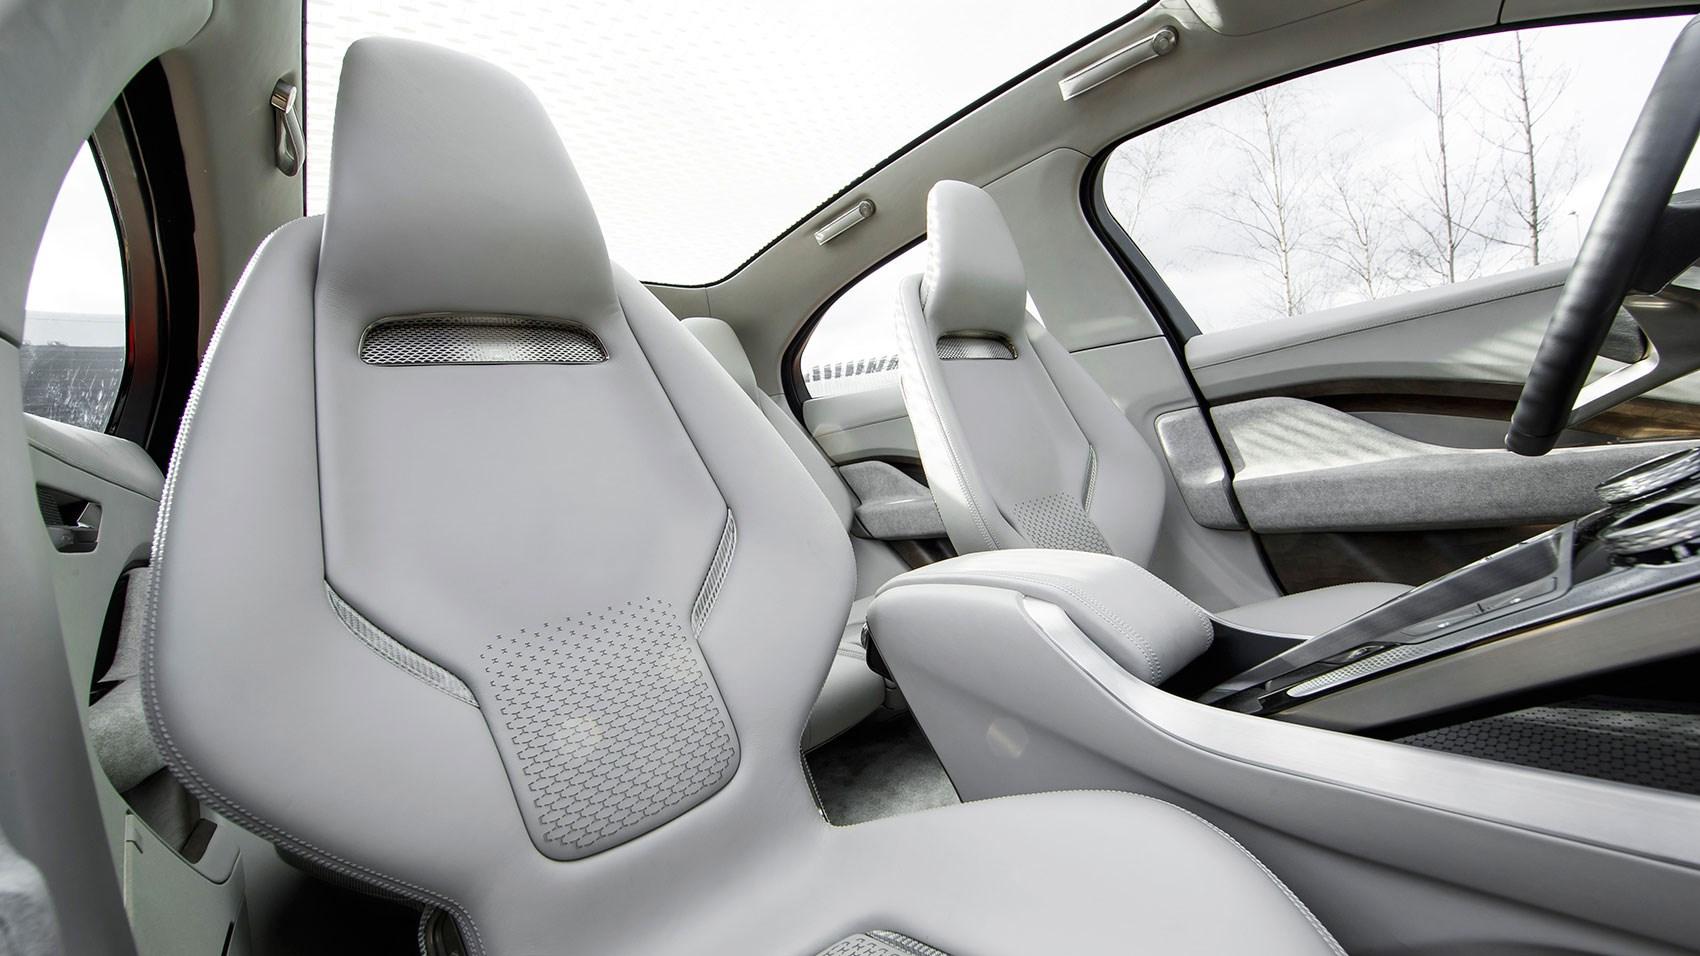 A very glassy, airy interior